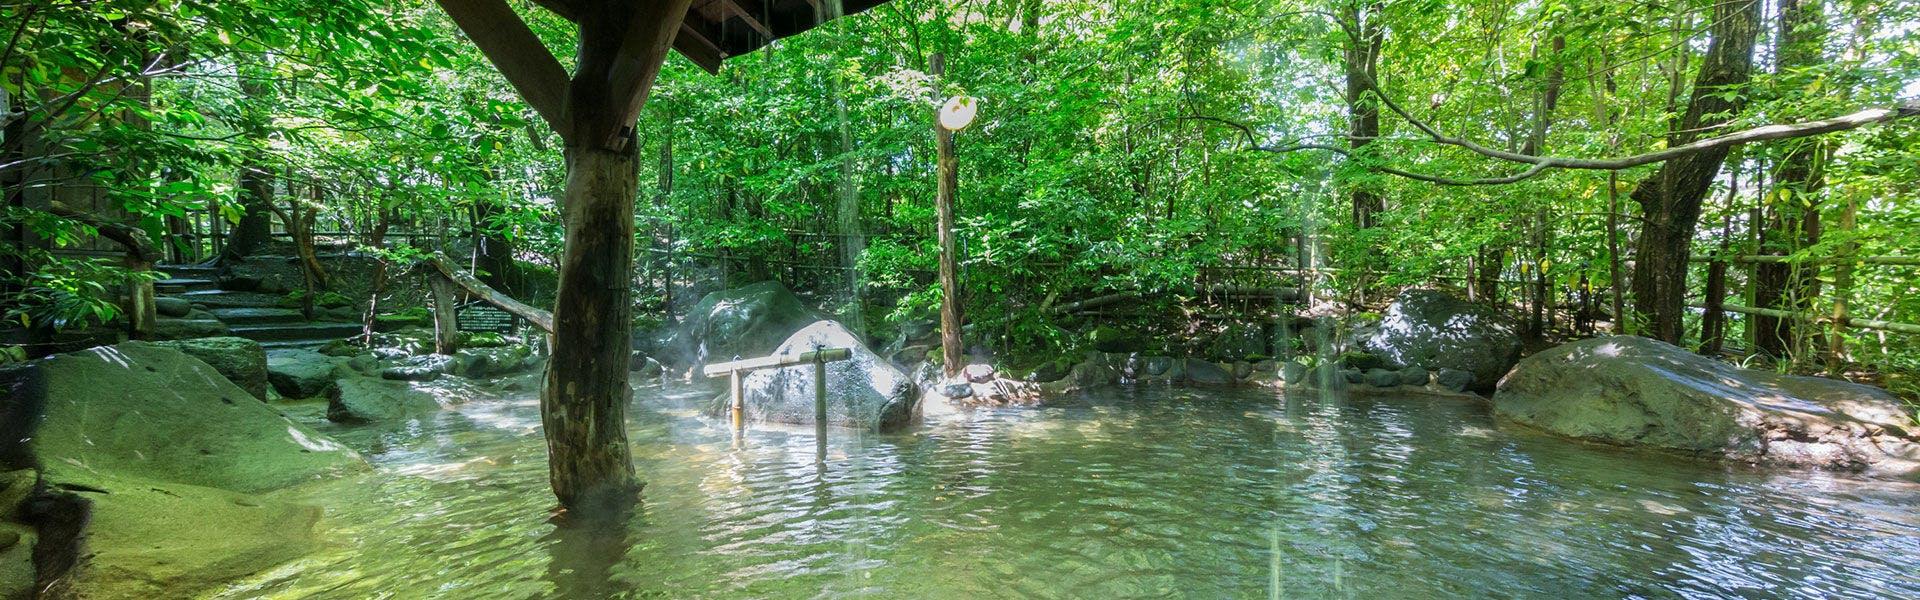 記念日におすすめのホテル・黒川温泉 お宿 のし湯の写真3